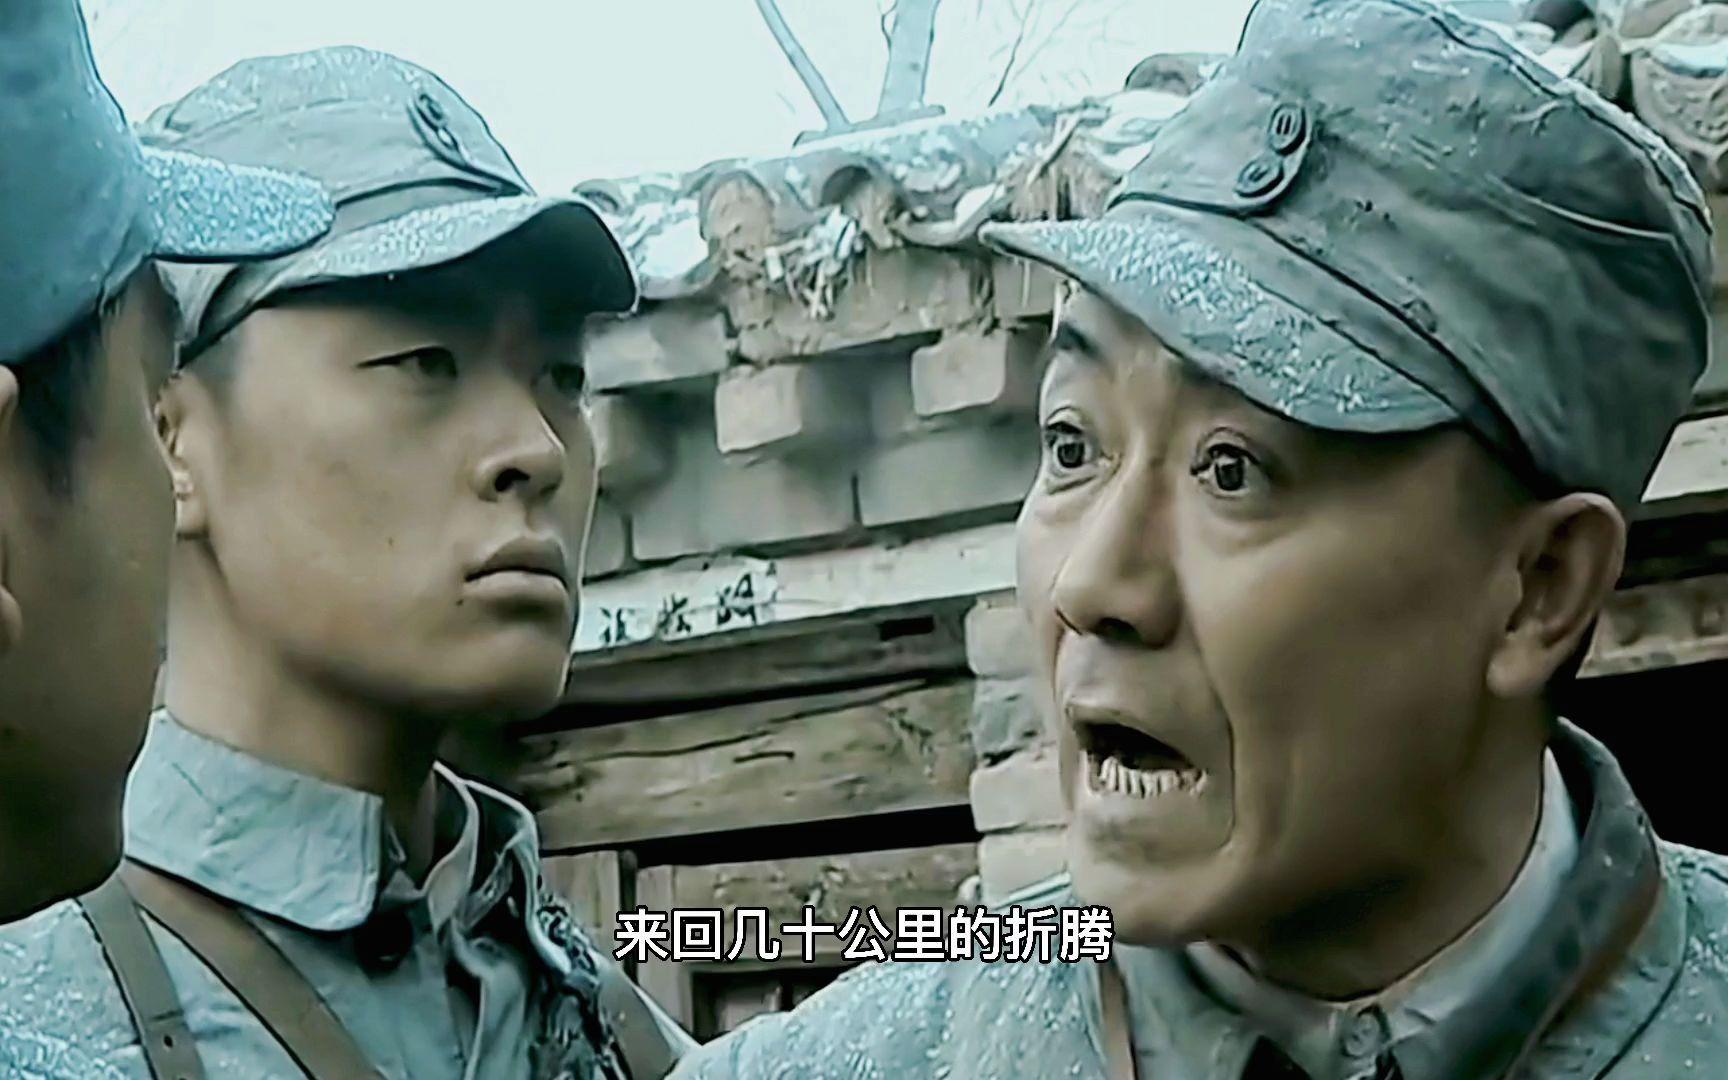 赵政委还真是书呆子和老李一起帮楚云飞清理门户缴获一个团武器